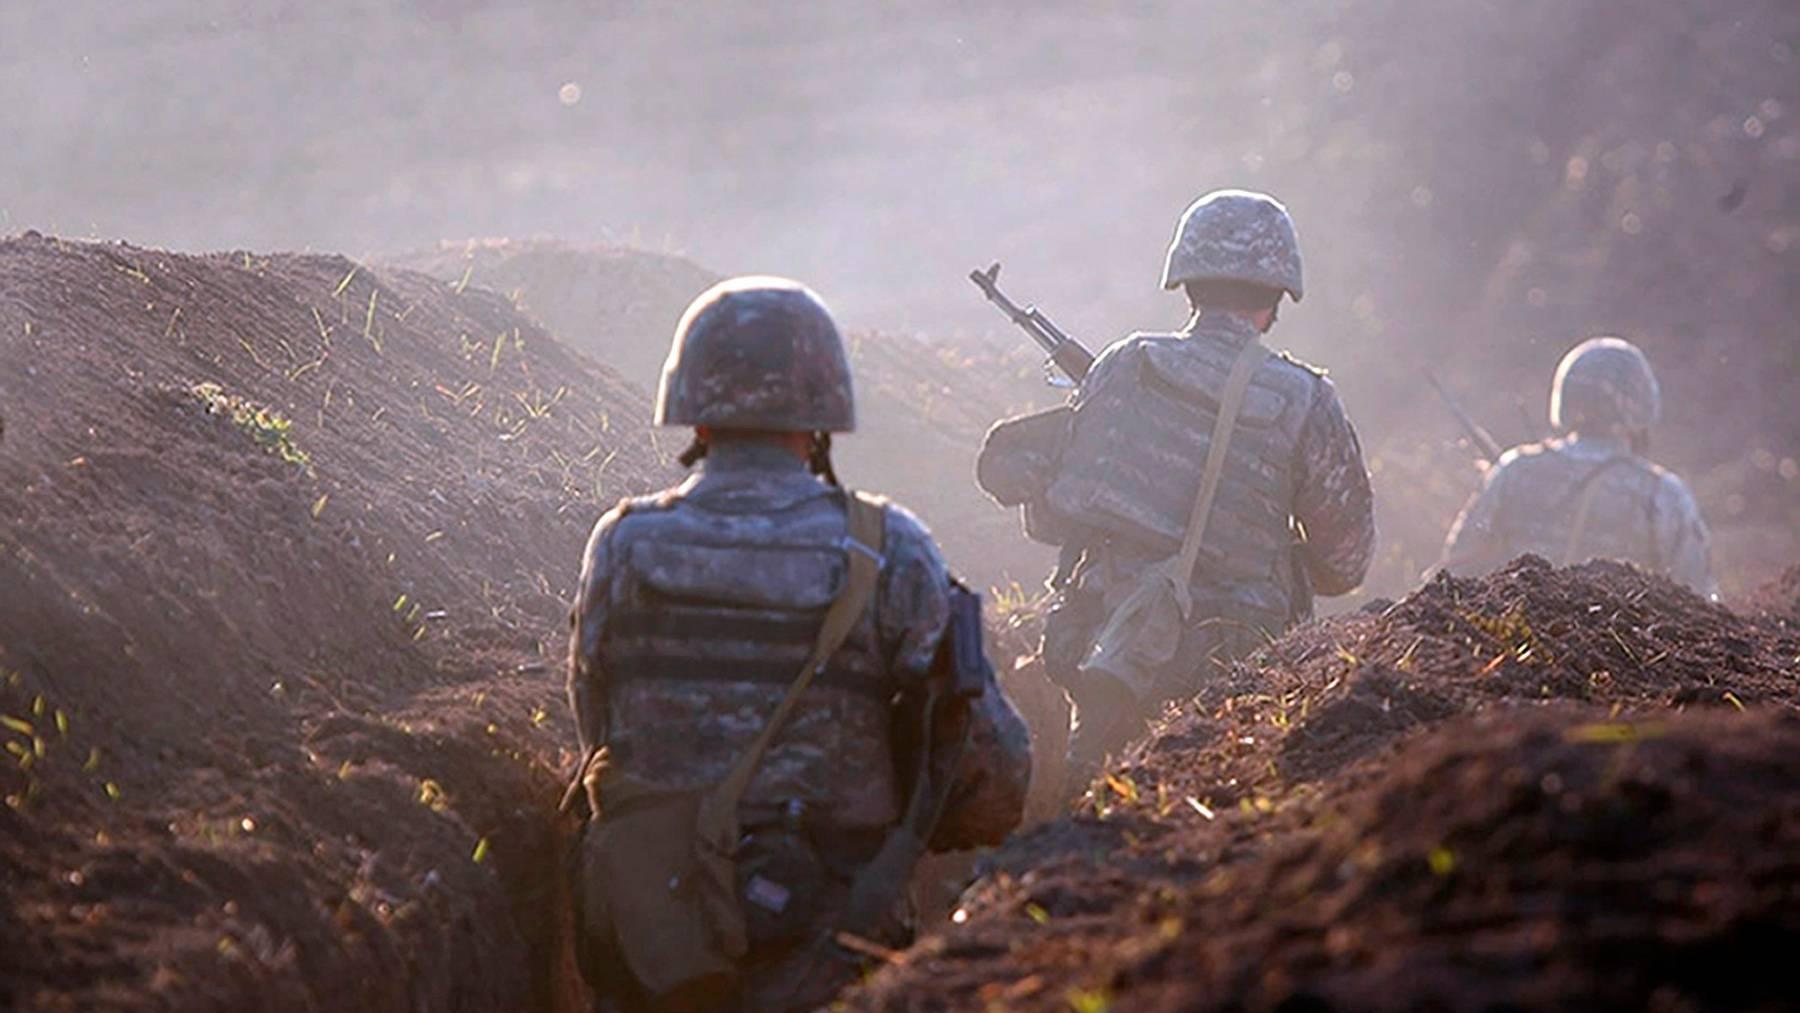 Zwischen Armenien und Aserbaidschan tobt seit langem ein Konflikt um die von beiden Seiten beanspruchte Region Berg-Karabach.